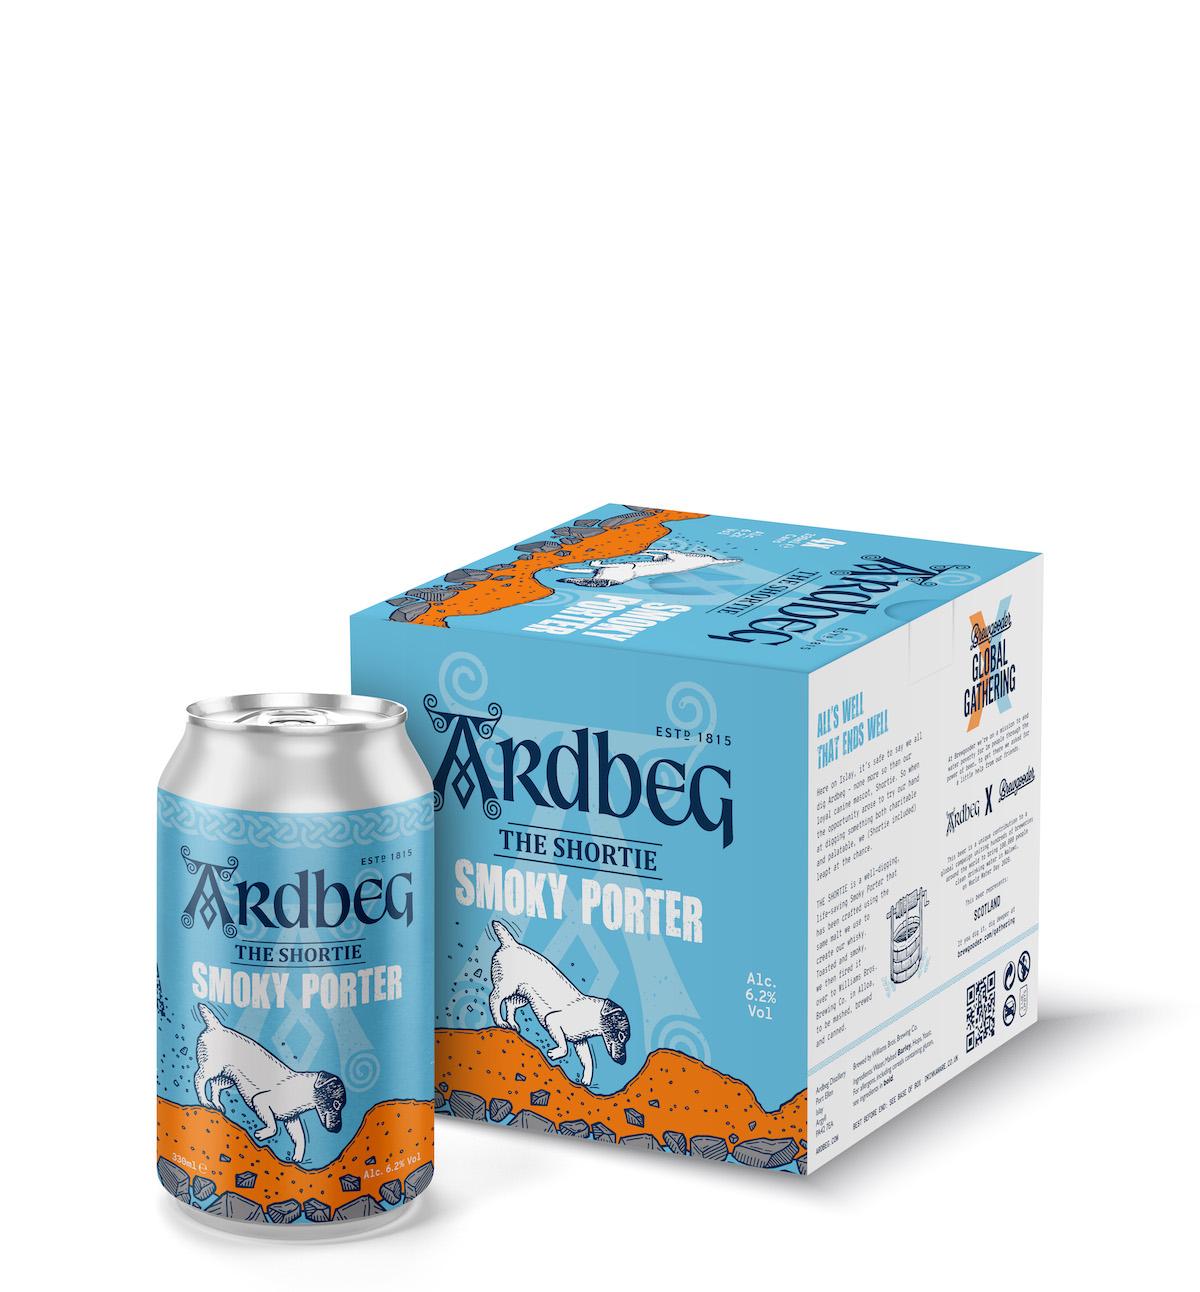 Ardbeg Smoky Porter Box And Can White LRG